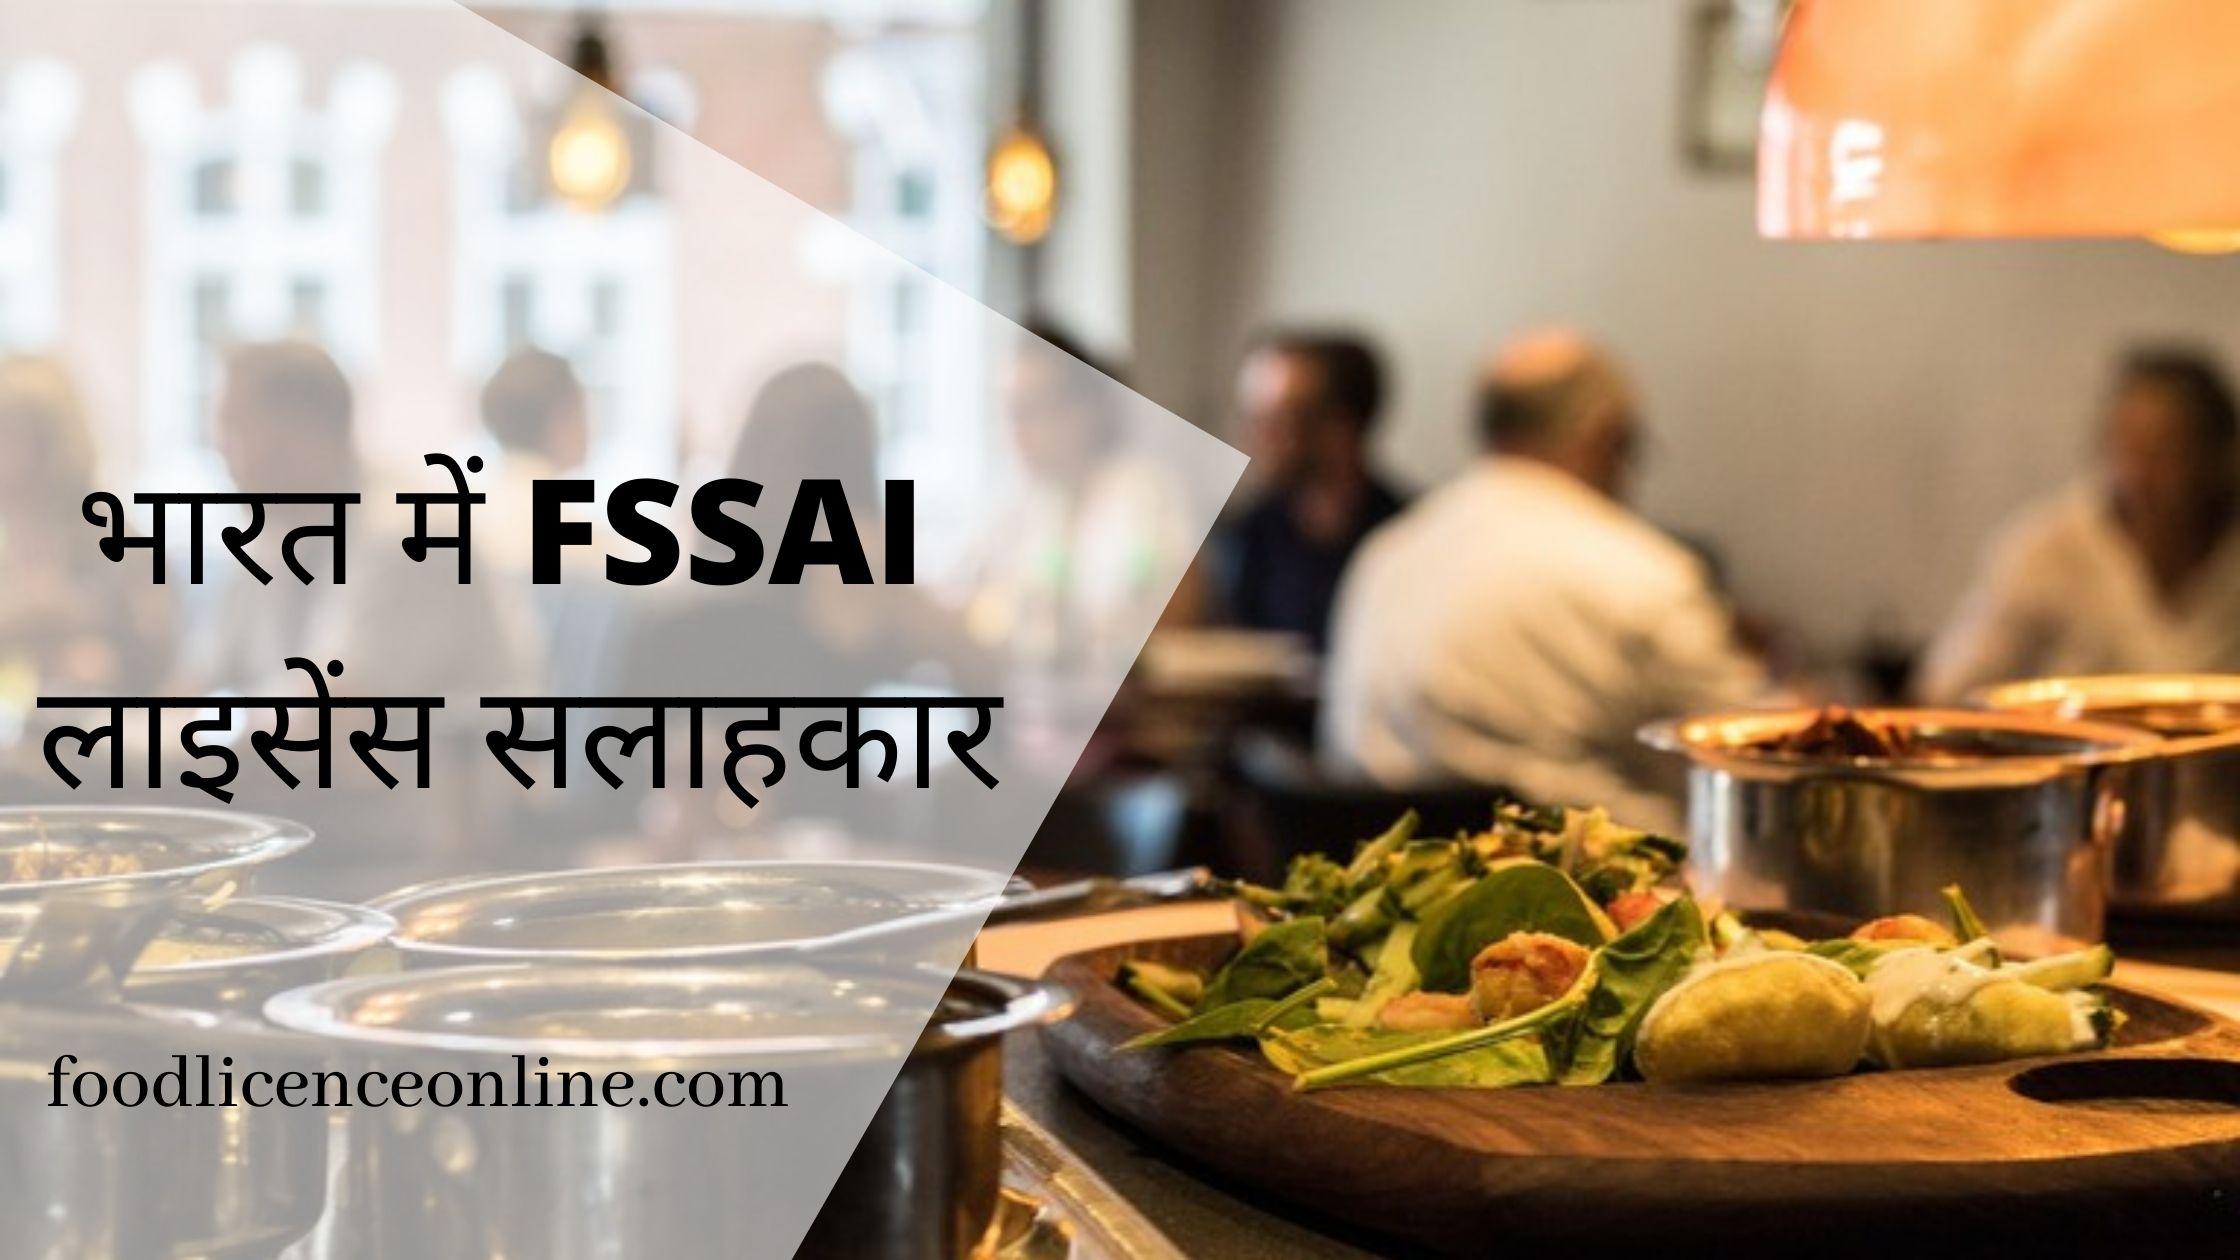 भारत में FSSAI लाइसेंस सलाहकार